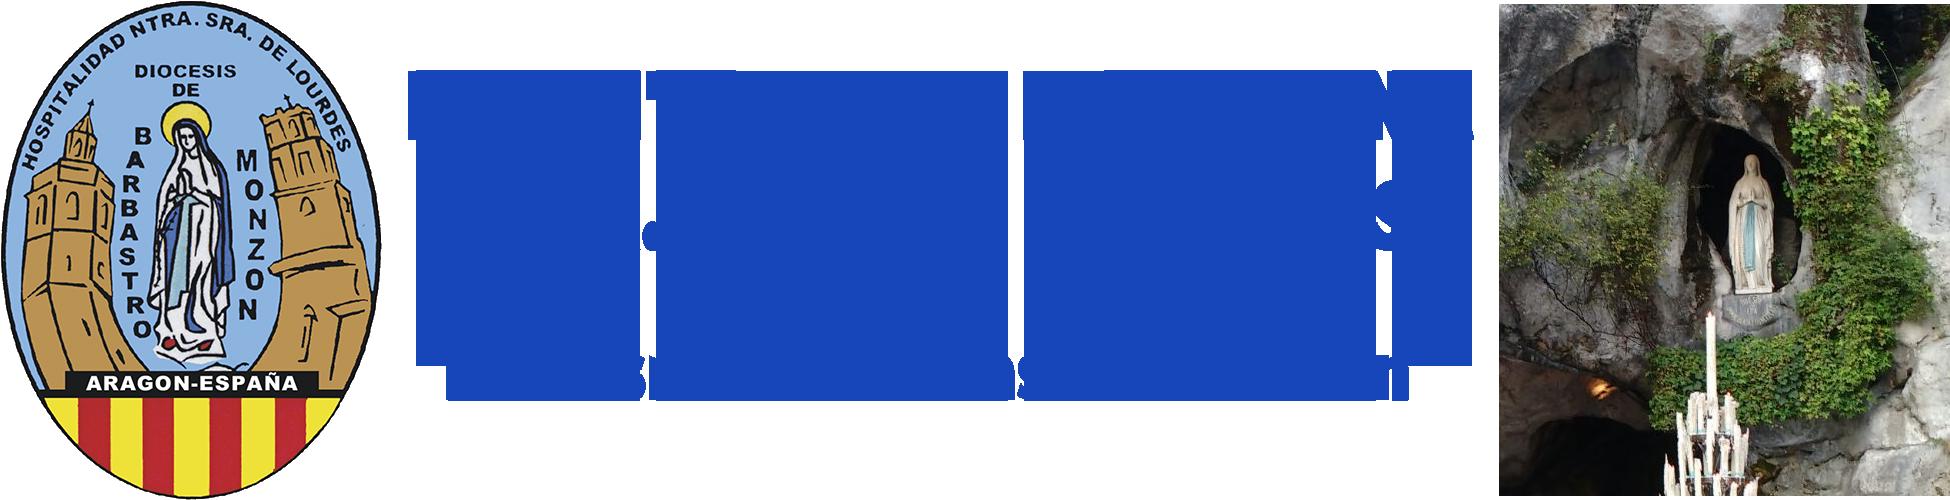 Hospitalidad de Lourdes Diocesis Barbastro Monzon